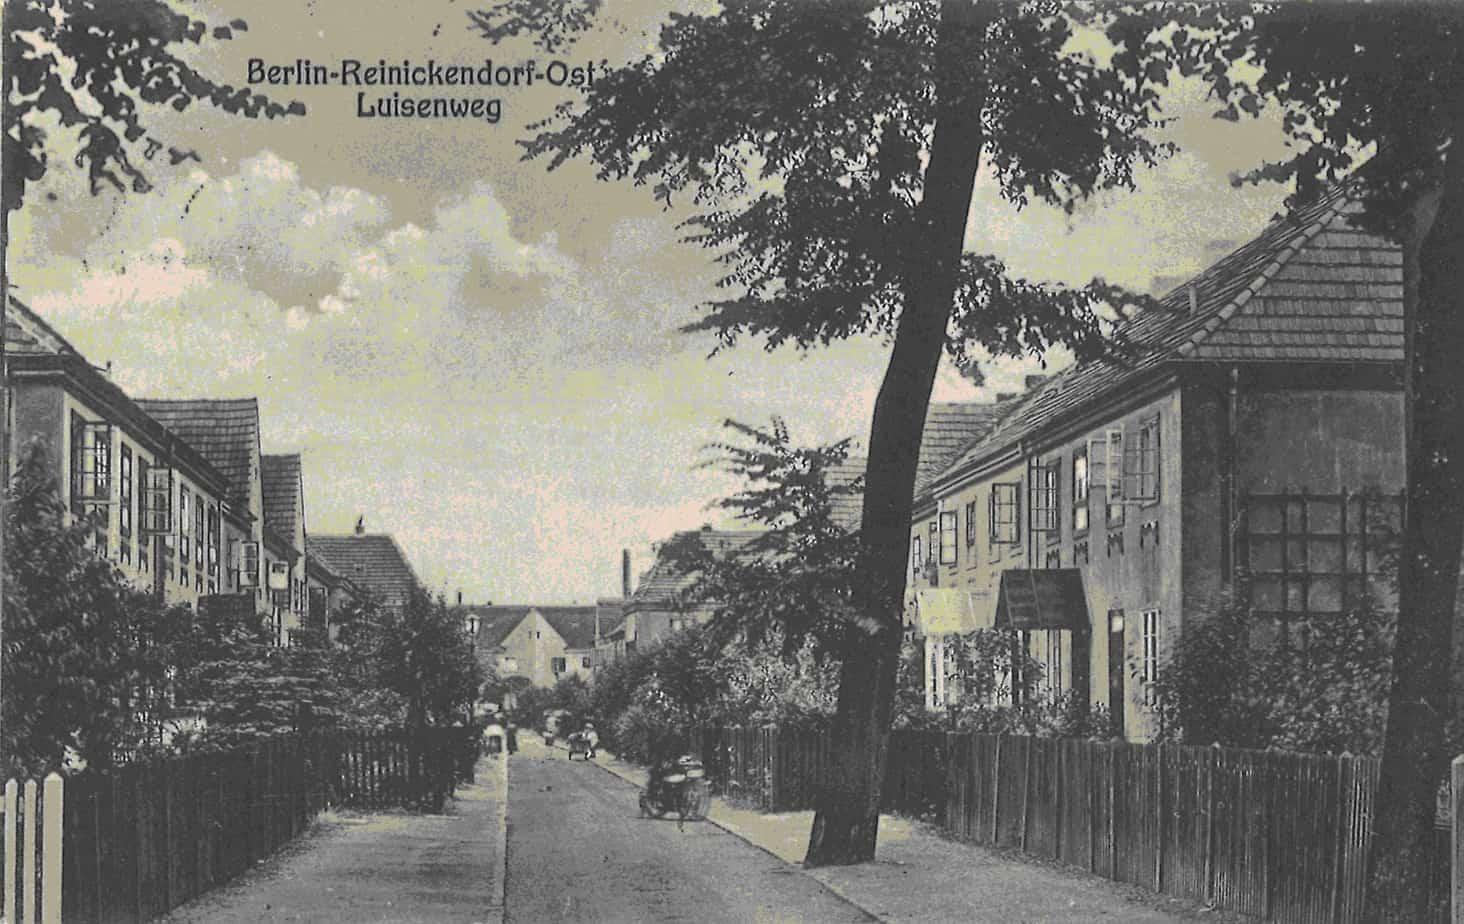 Siedlung Luisenhof bleibt Denkmal